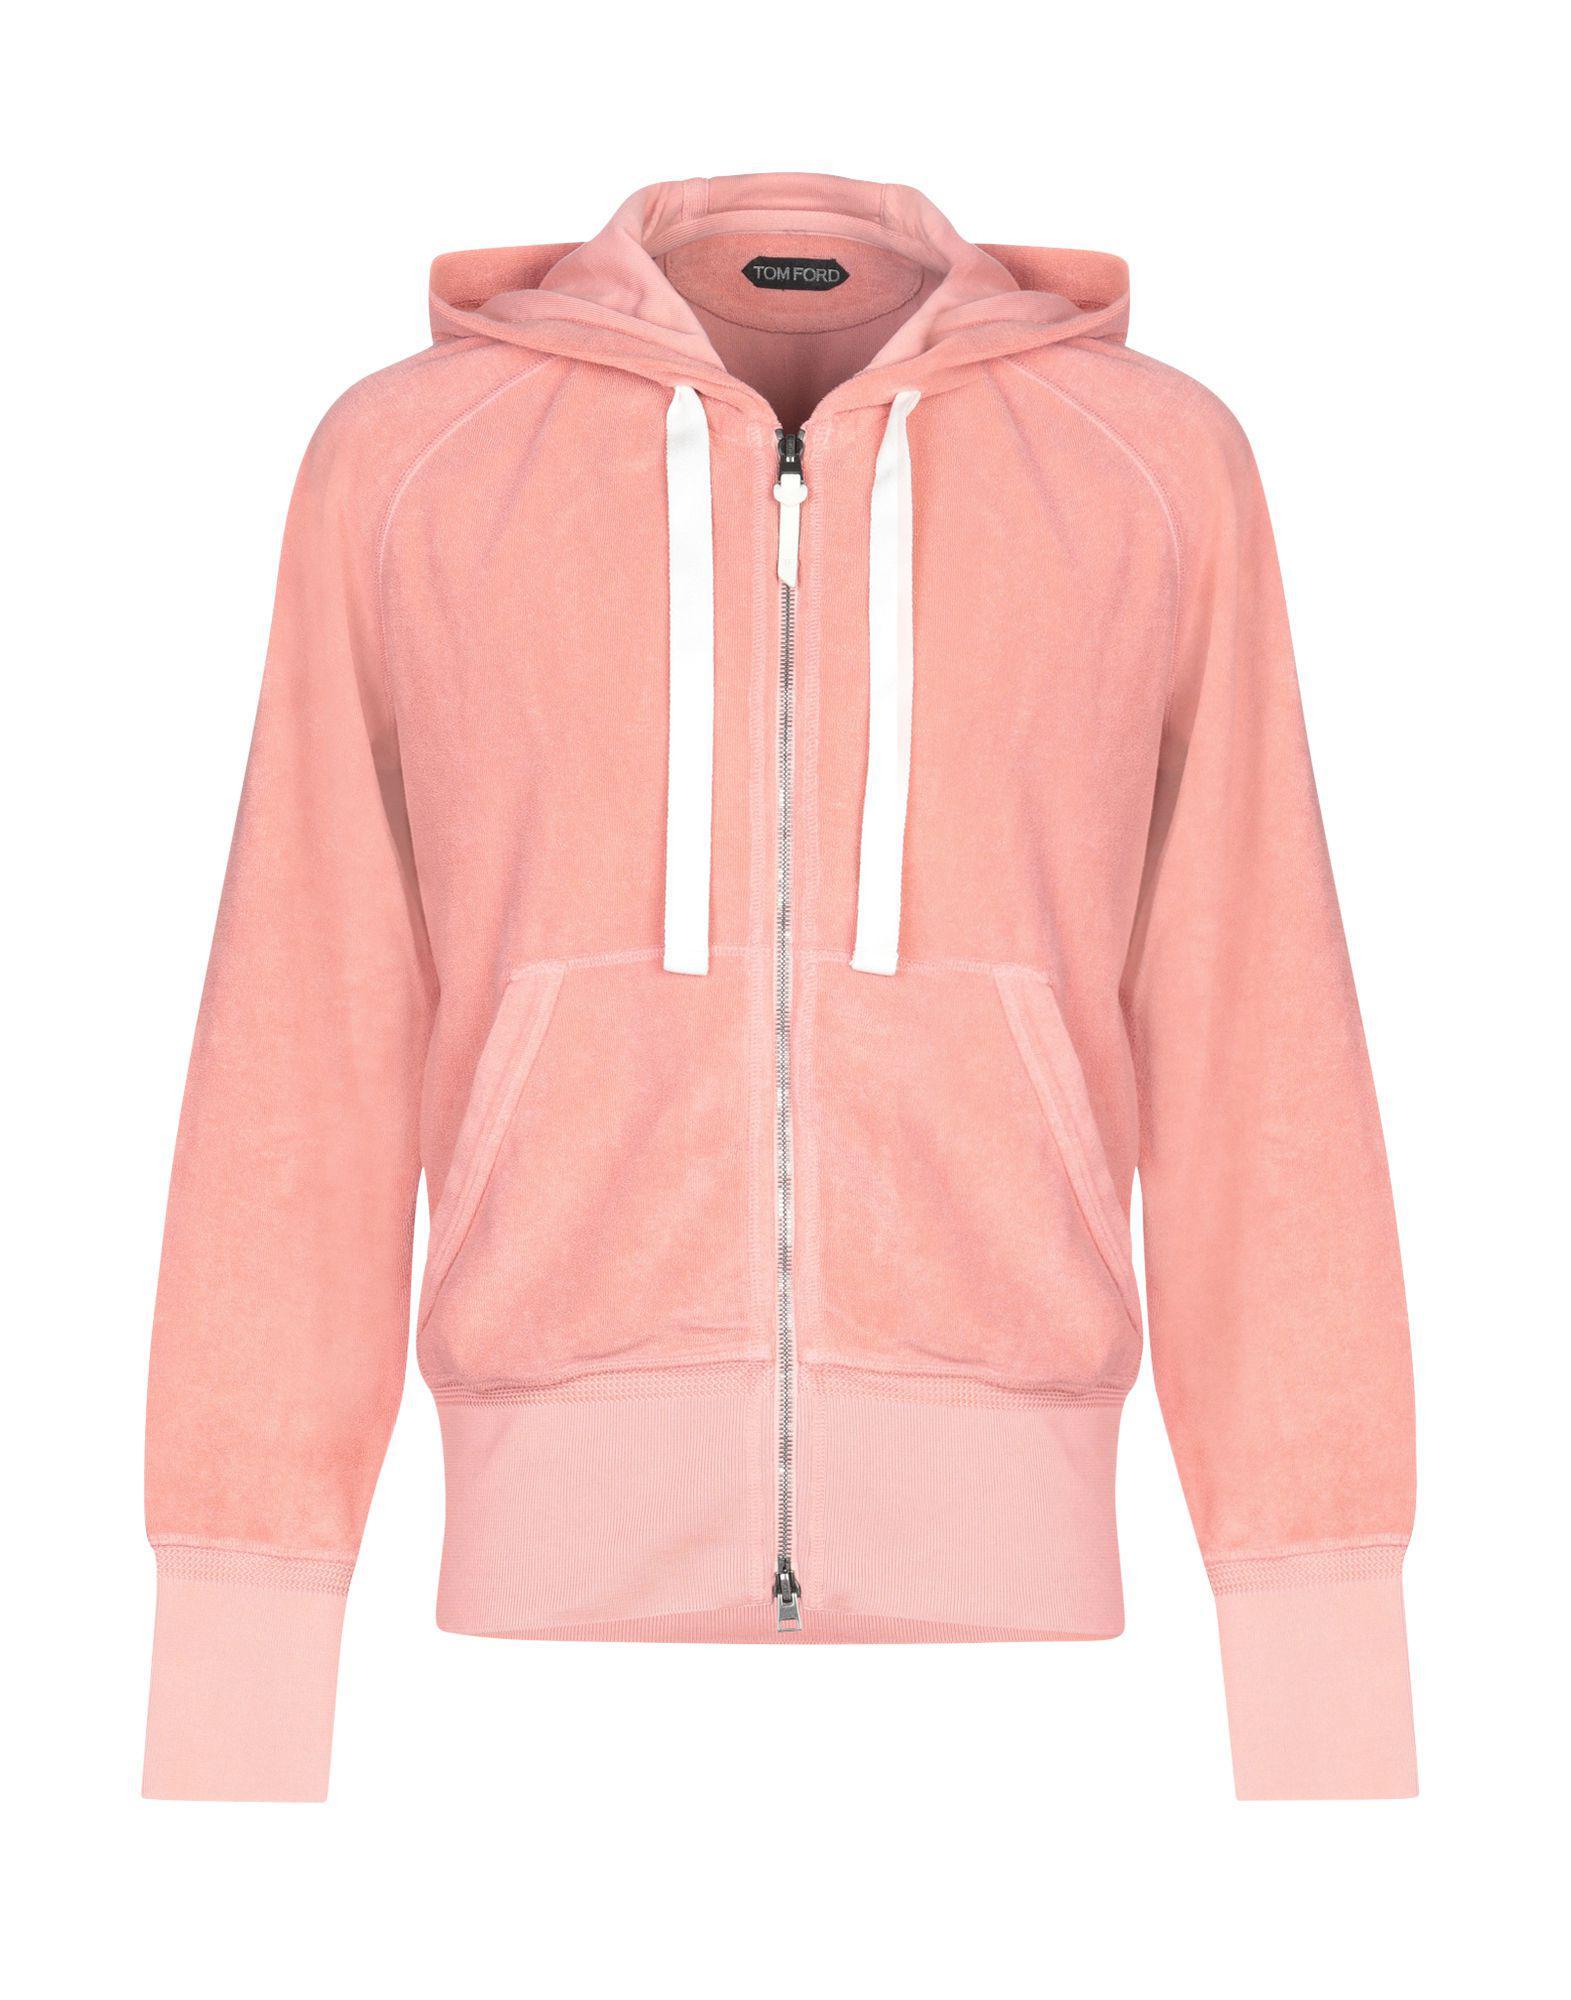 55d90b5a4e5a Lyst - Sweat-shirt Tom Ford pour homme en coloris Rose - 11 % de ...